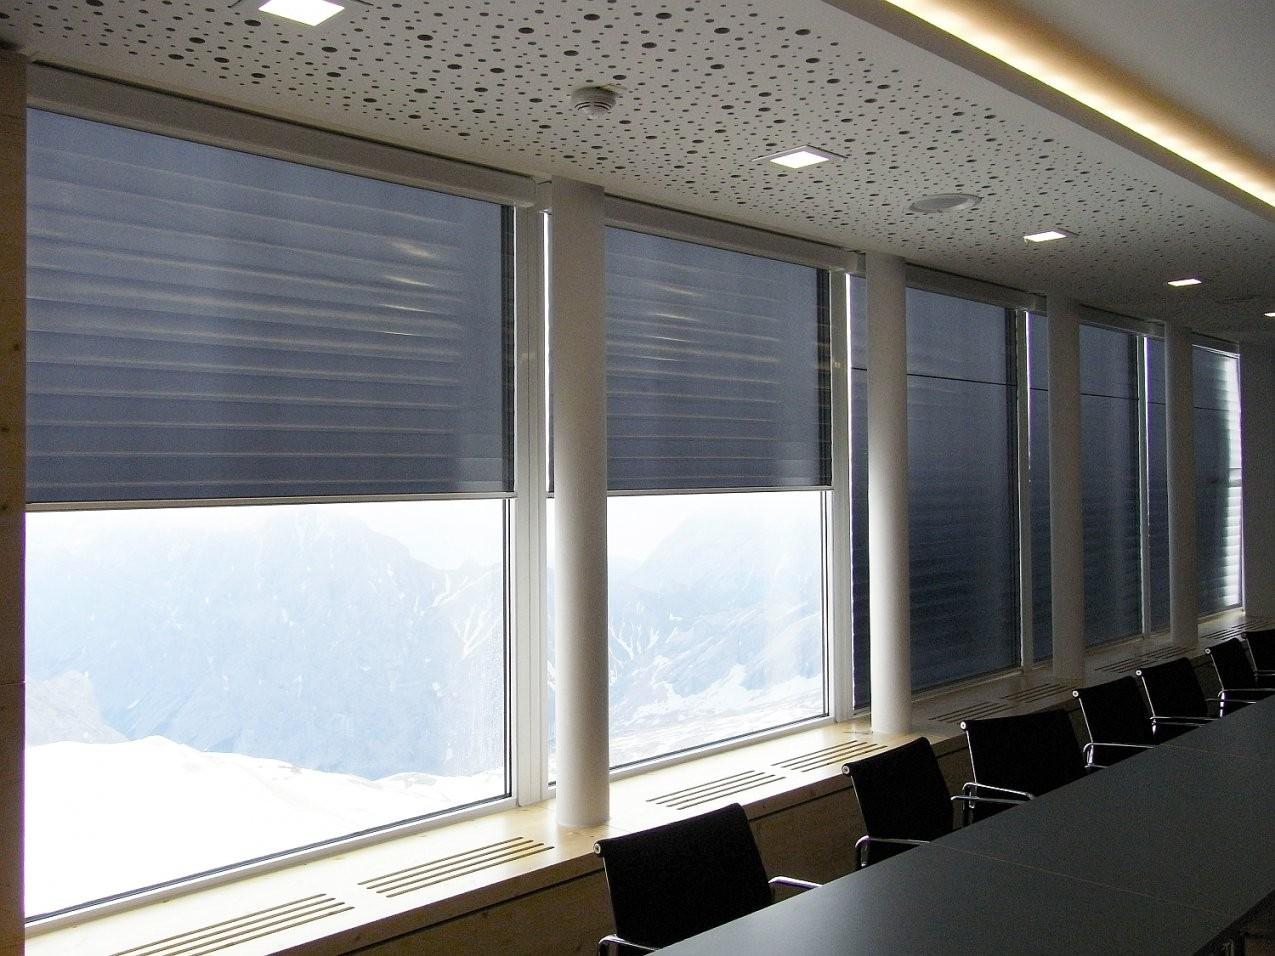 Rollos Für Große Fenster  Xxl Rollos Von Multifilm  Multifilm von Rollos Für Große Fenster Bild